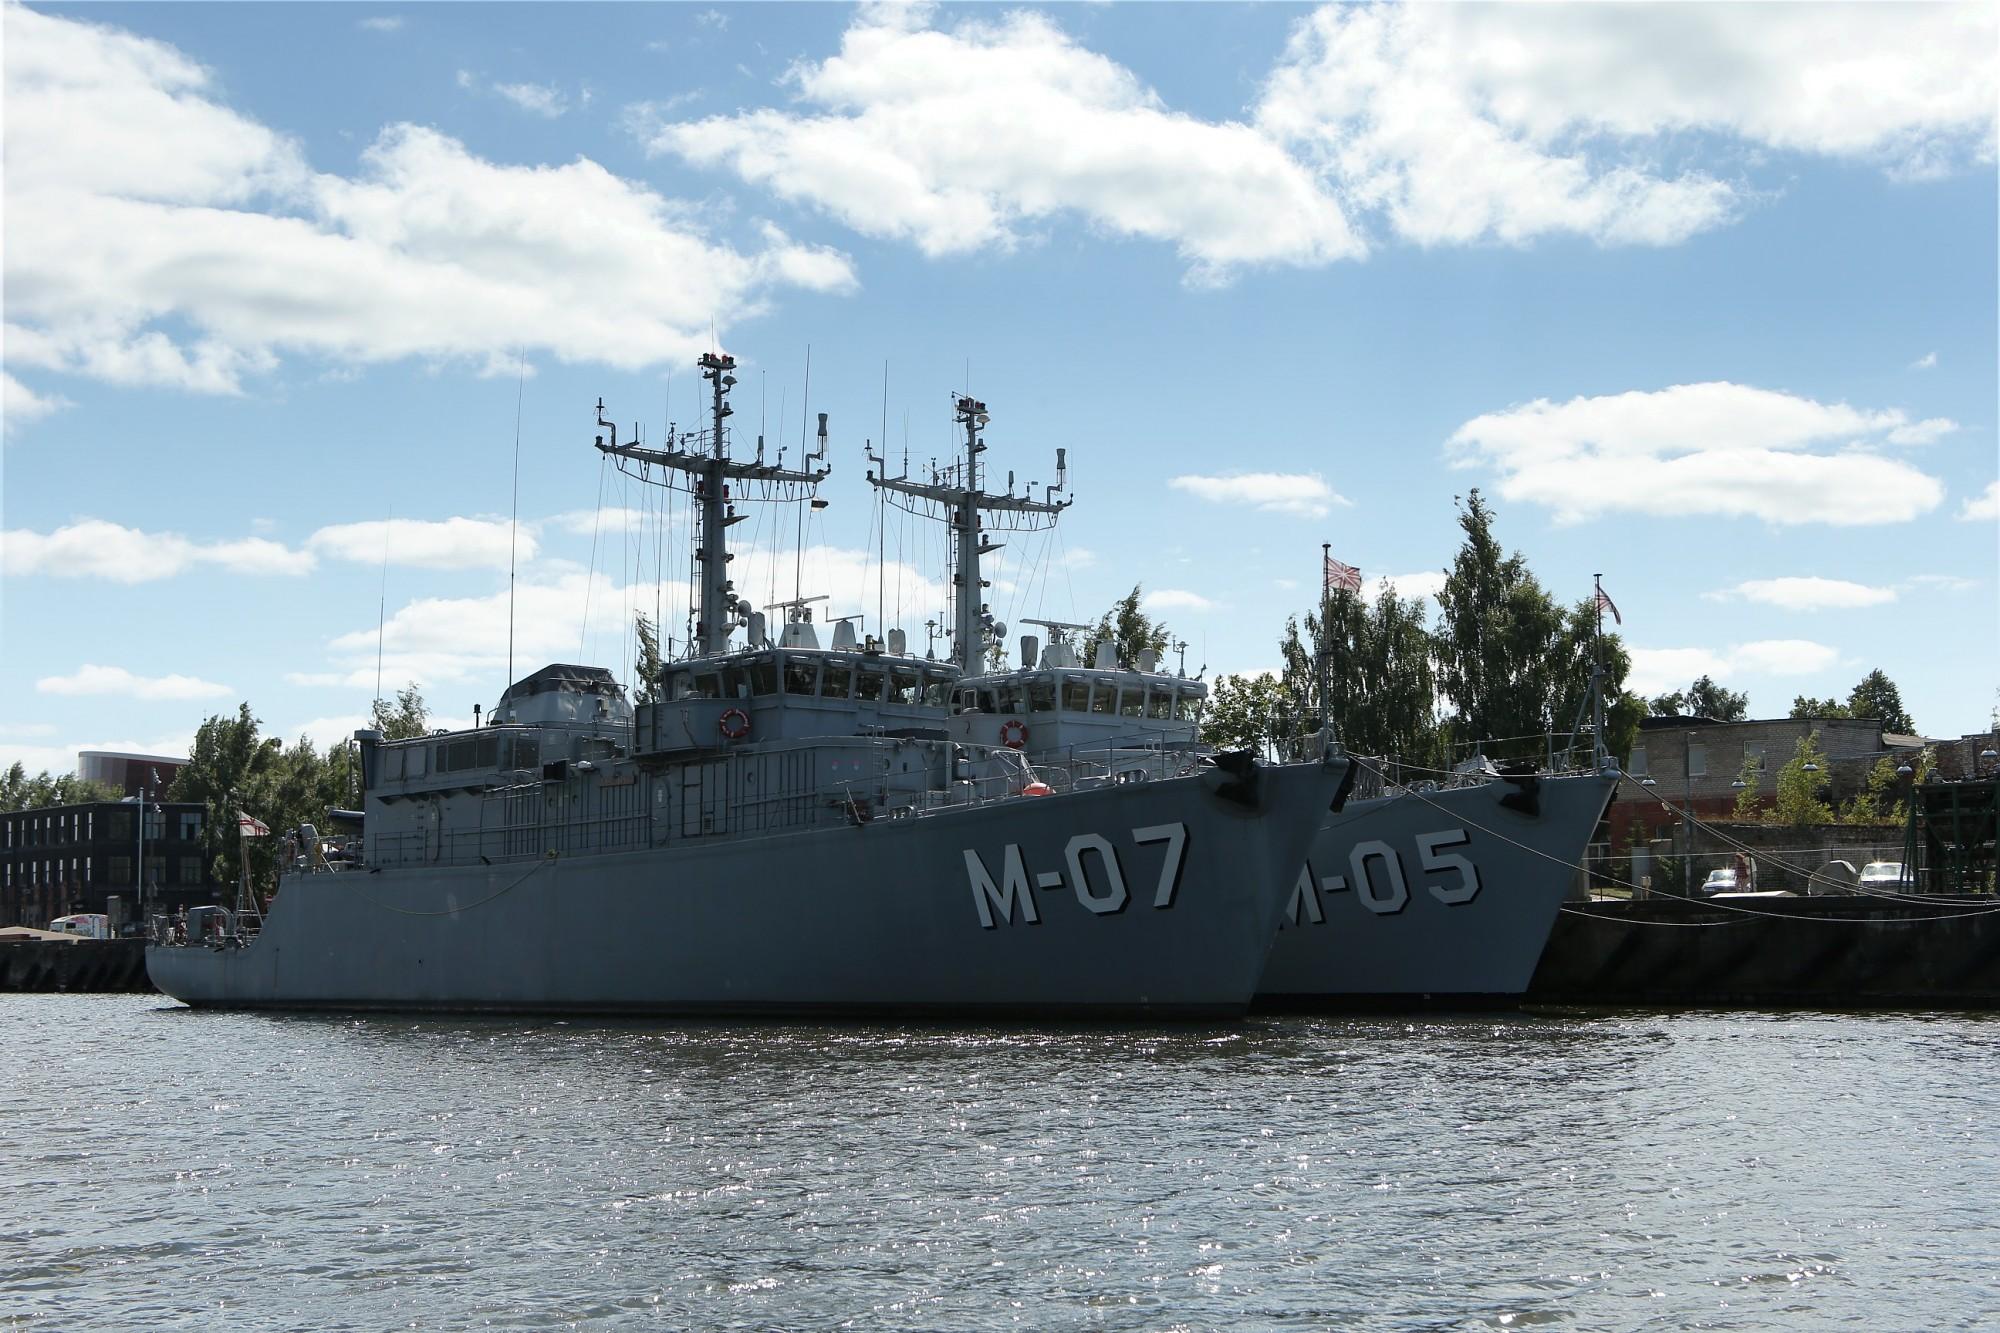 Jūras svētkos būs iespēja apskatīt militāros kuģus